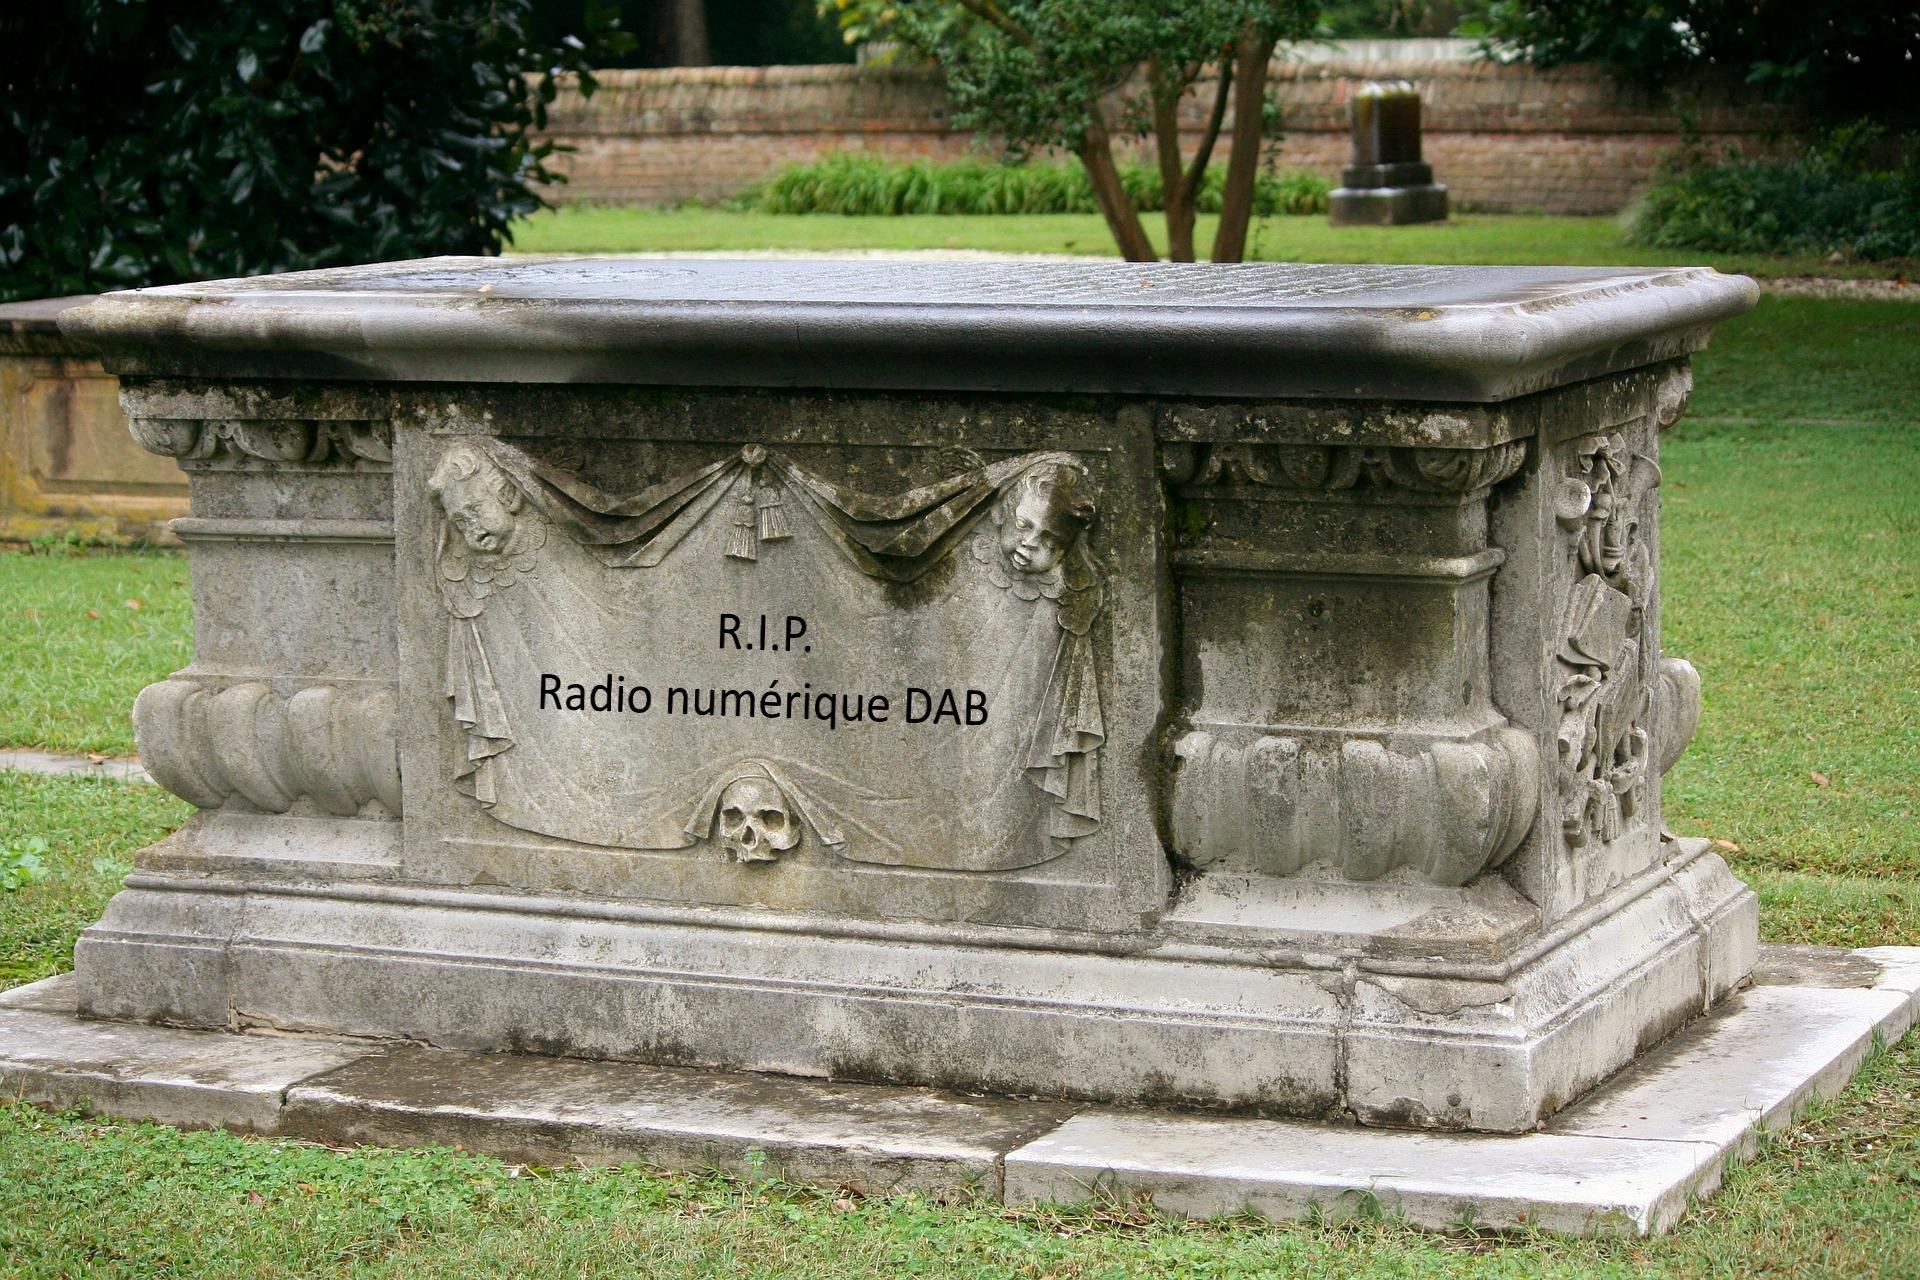 La radio numérique DAB est morte et enterrée